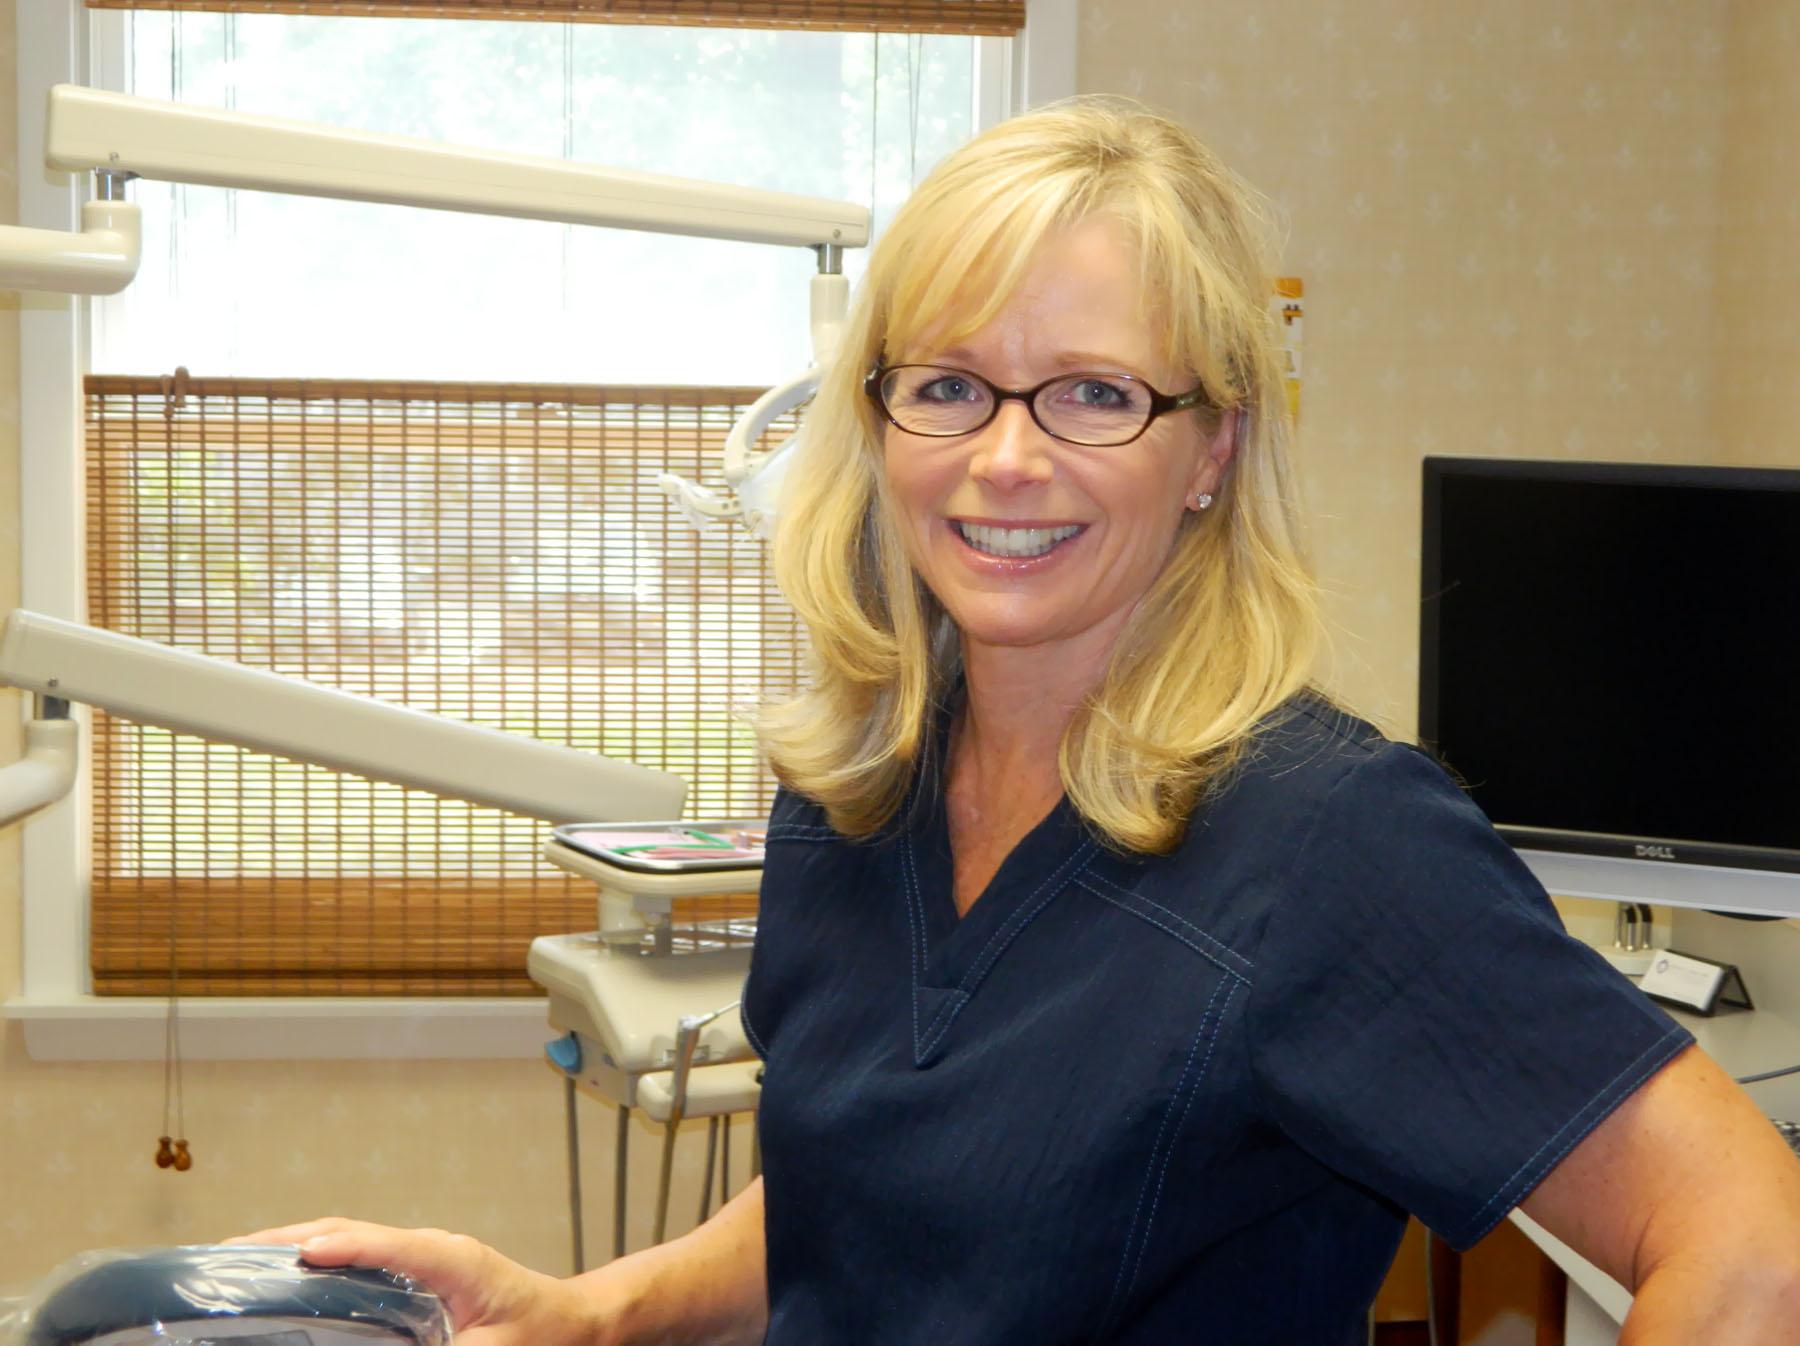 dr-baum-dentist-heidi-nau-hygienist